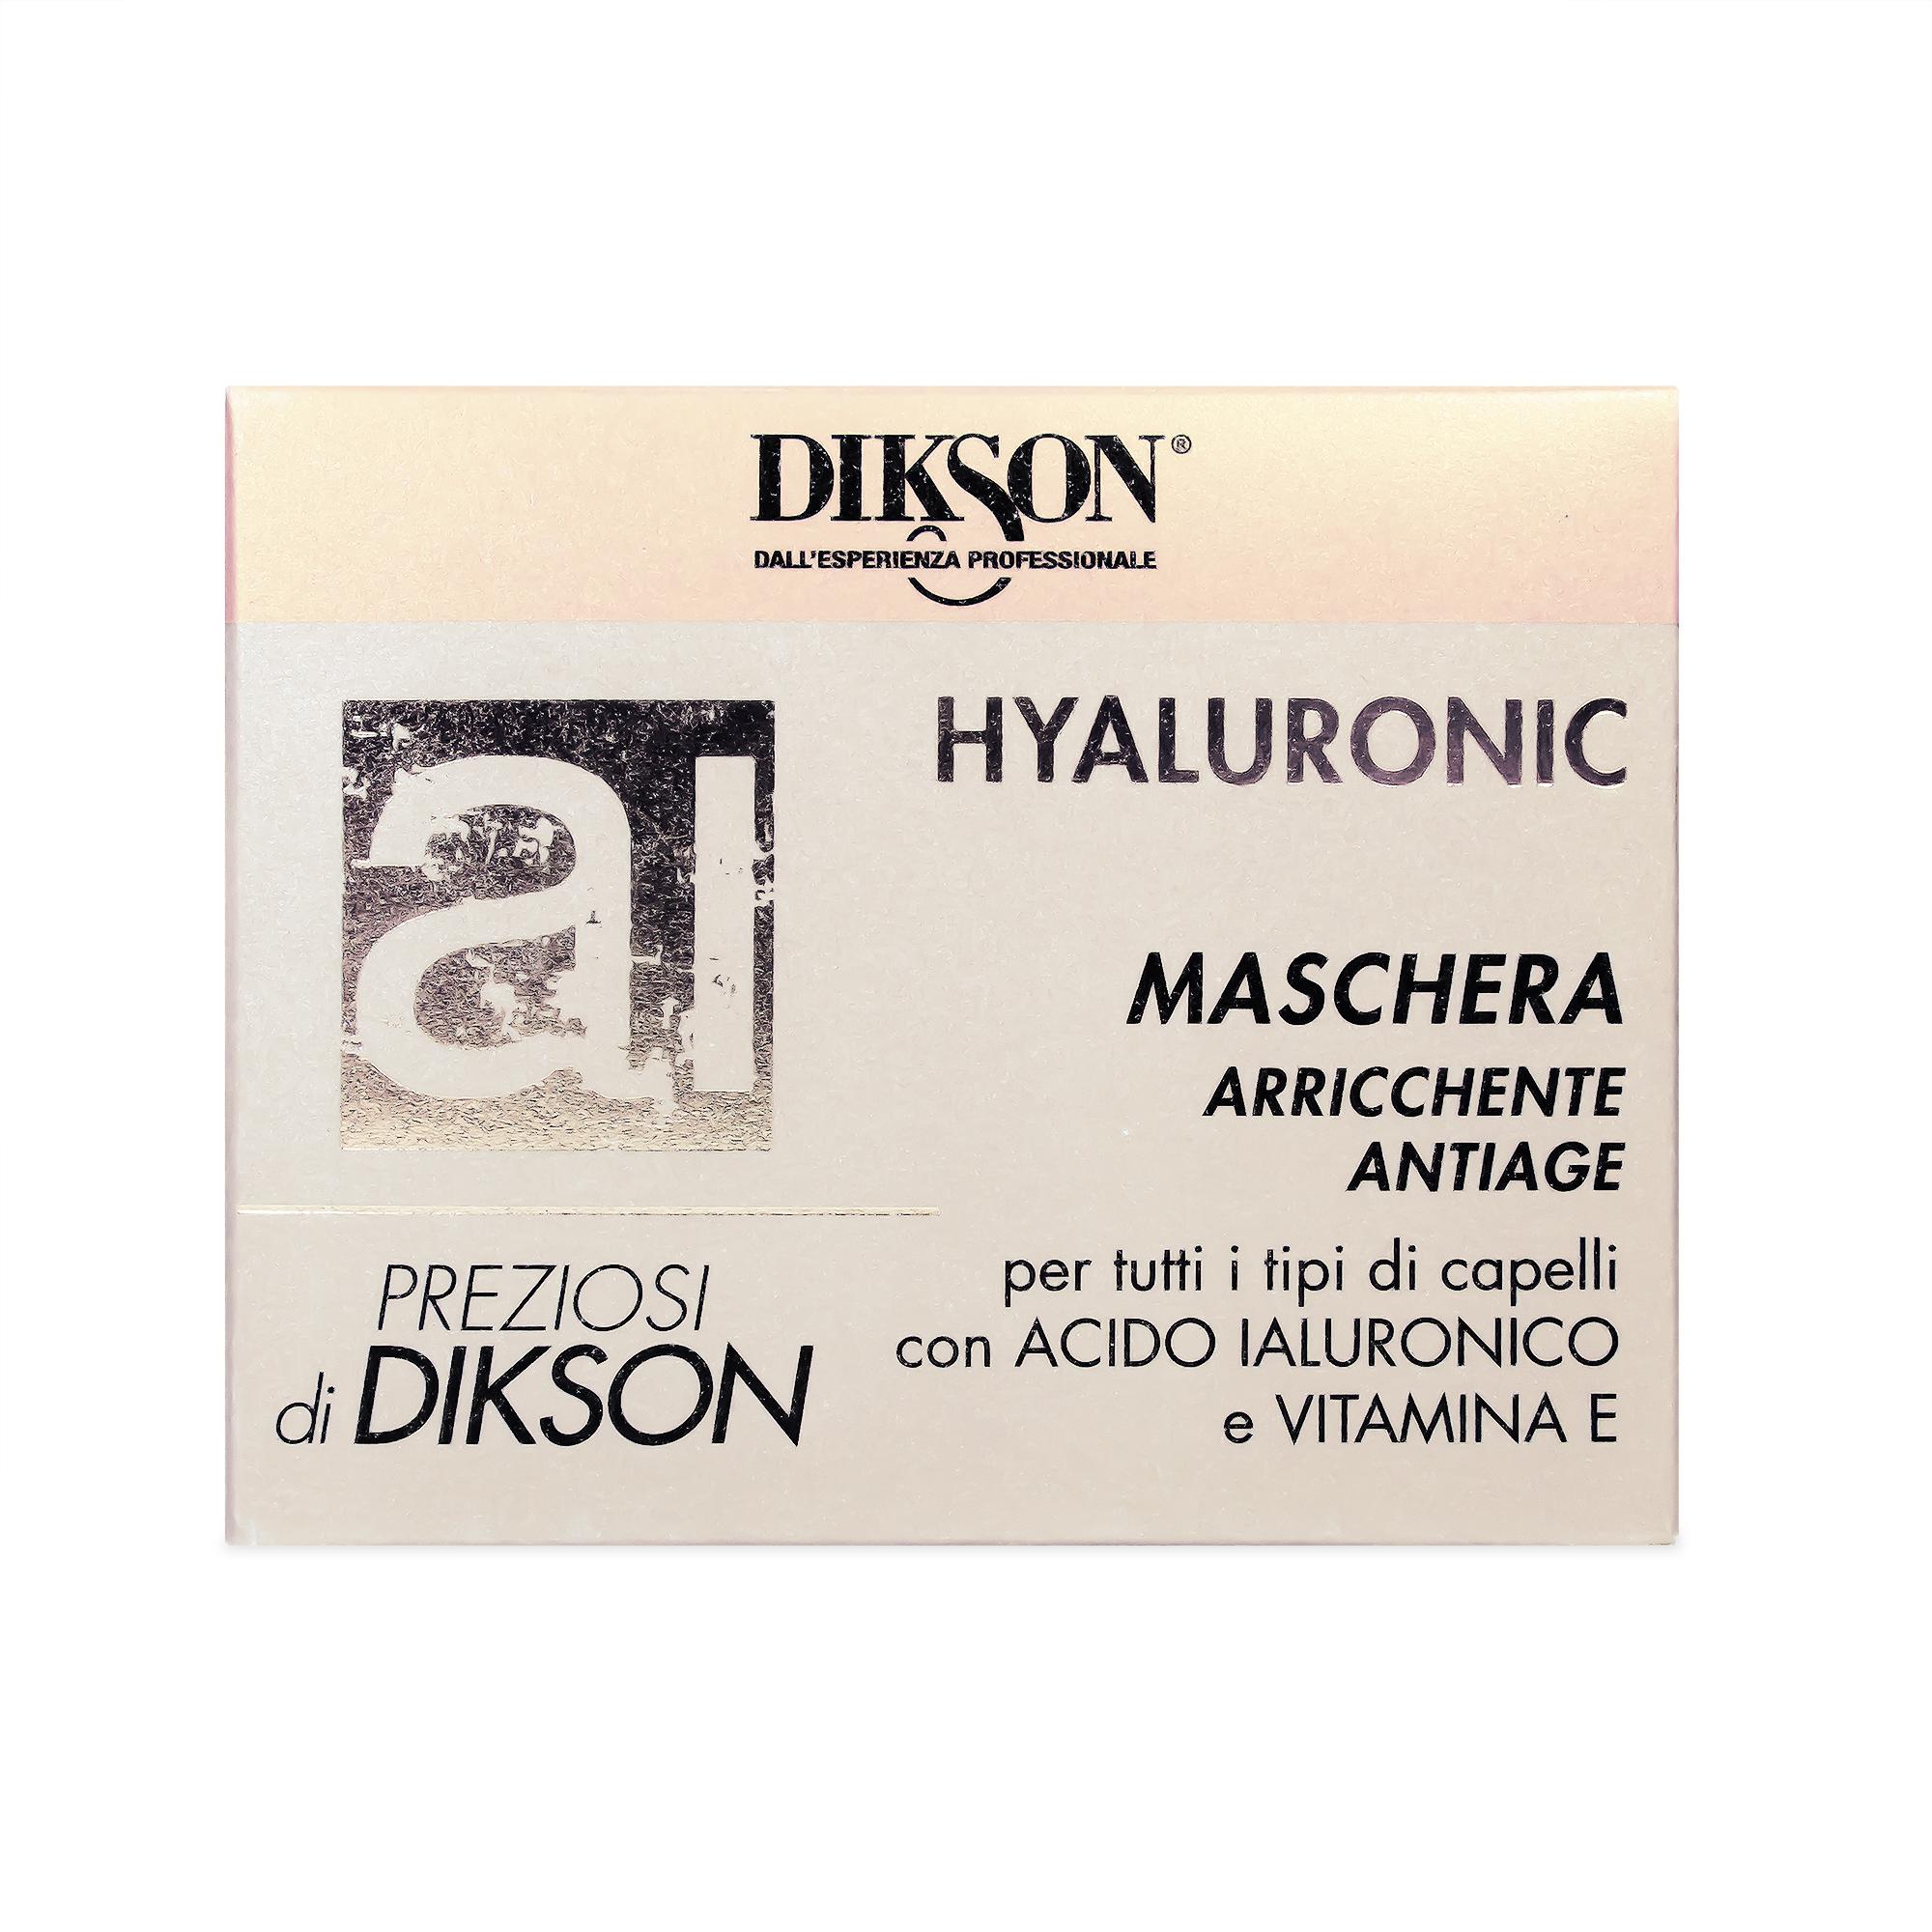 ماسک مو احیا کننده دیکسون مدل هیالورونیک حجم 250 میلی لیتر